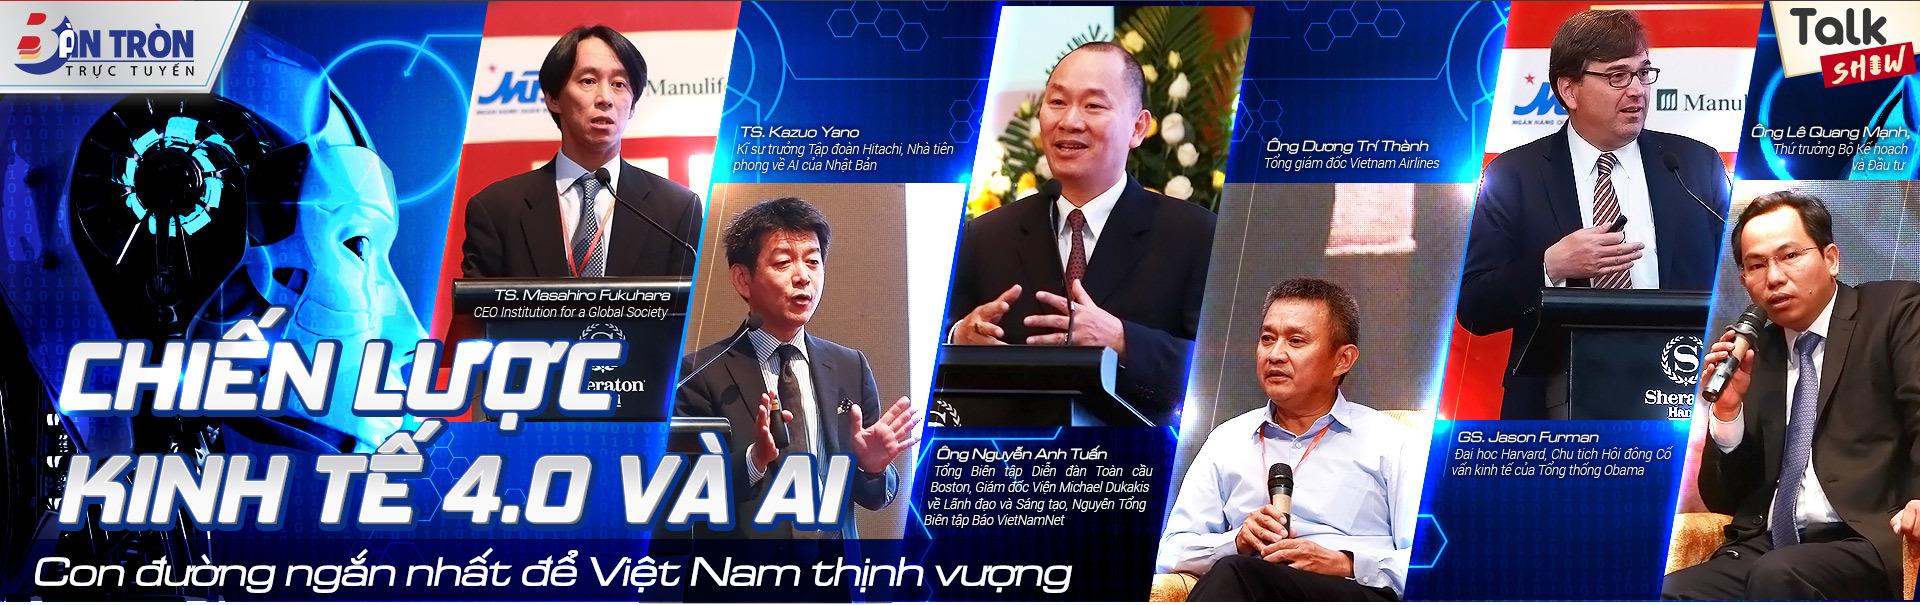 kinh tế trí tuệ nhân tạo,AI,Kinh tế 4.0,Cách mạng công nghiệp 4.0